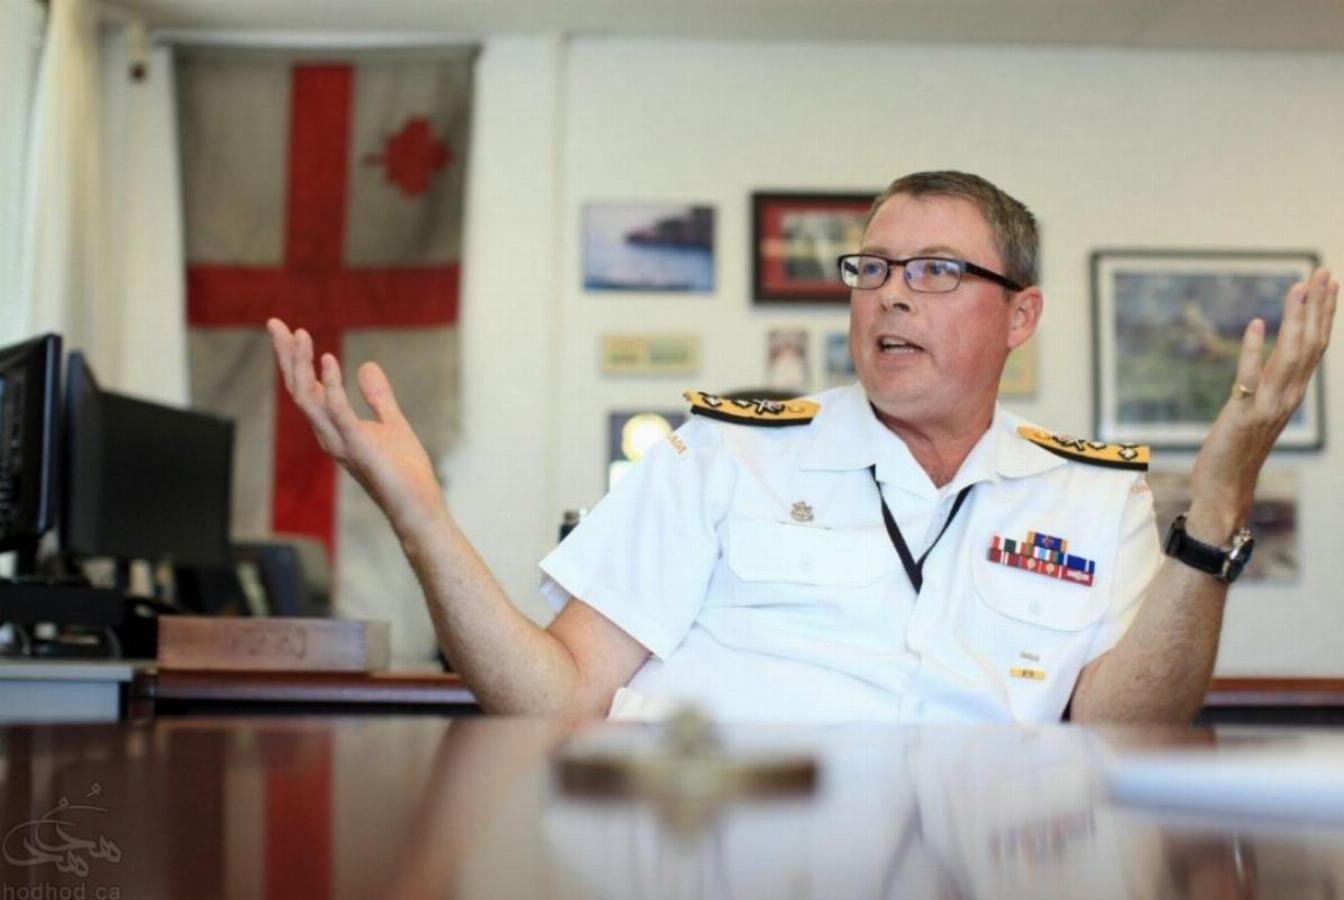 در اقدامی کم سابقه، مارک نورمن فرمانده نظامی ارشد کانادا از مقام خود برکنار شد